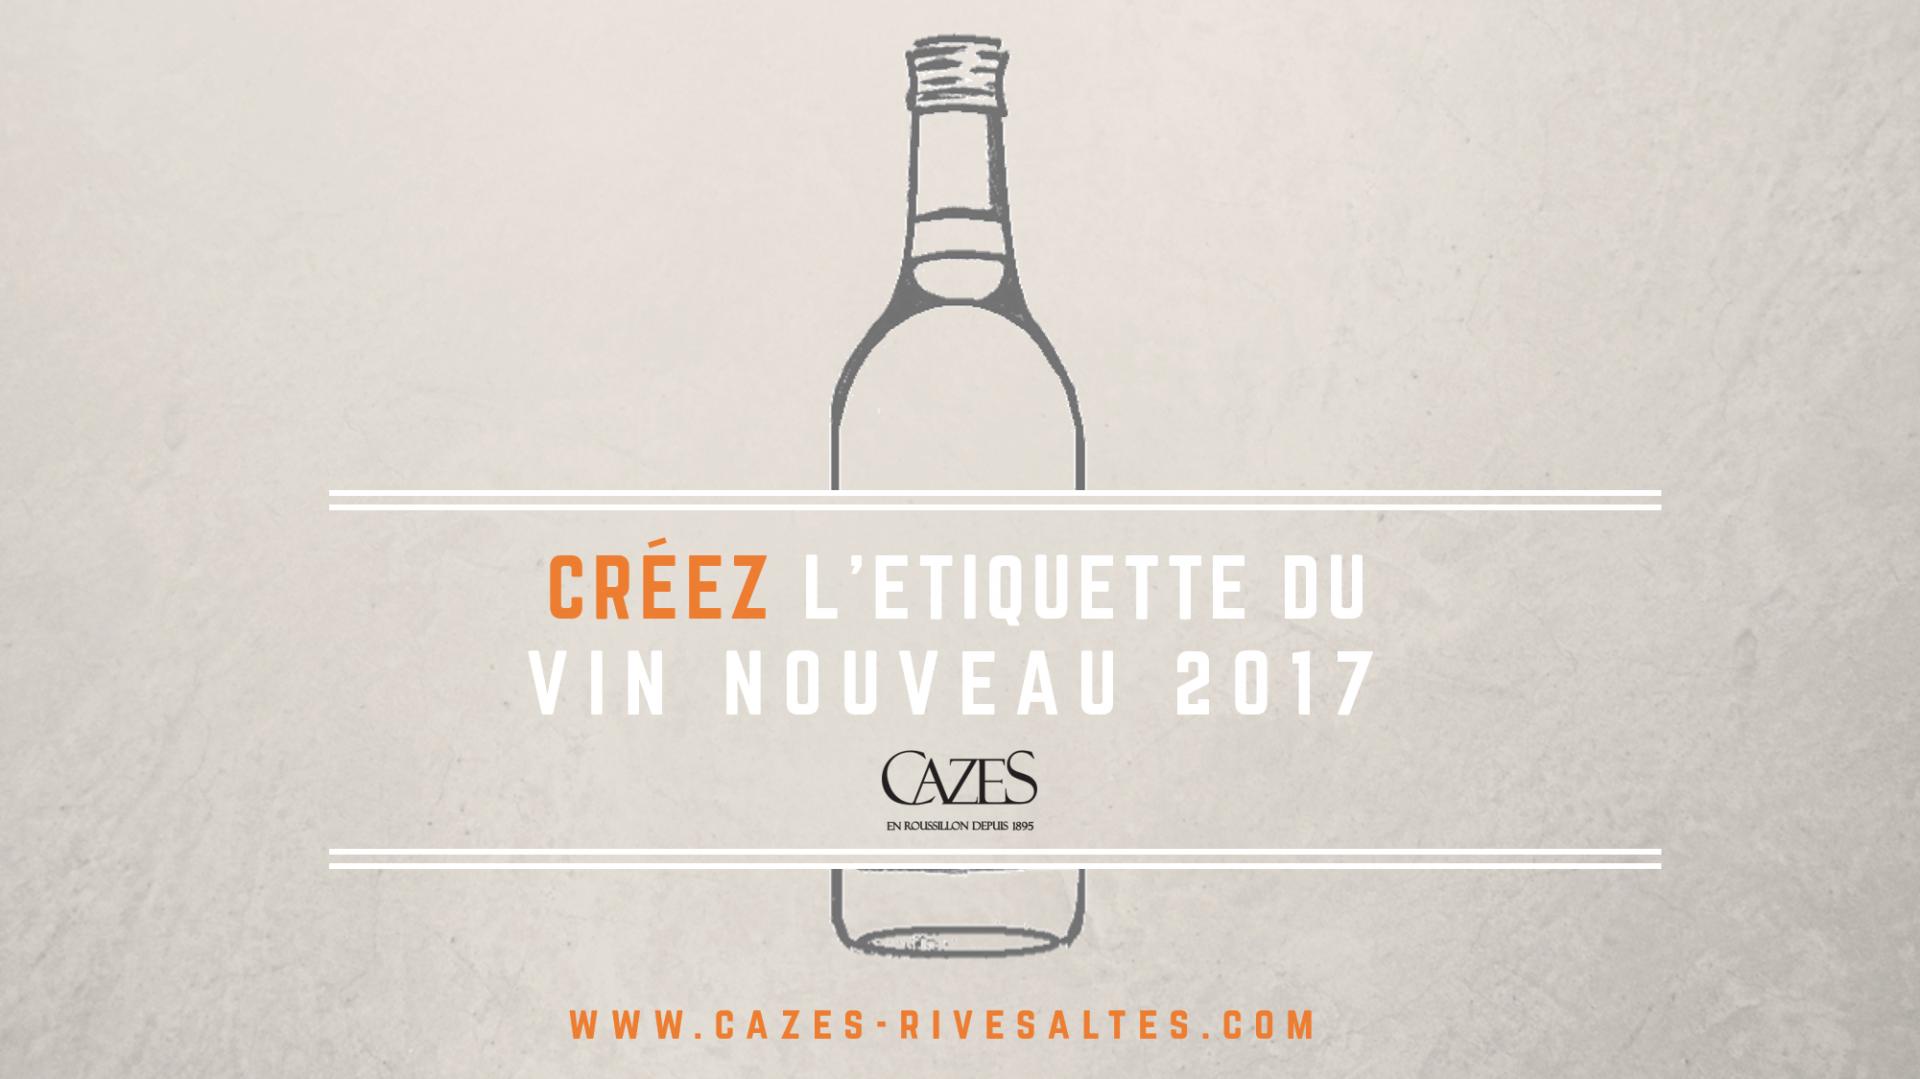 Cr ez l 39 tiquette du vin nouveau 2017 cazes rivesaltes for Salon du vin toulouse 2017